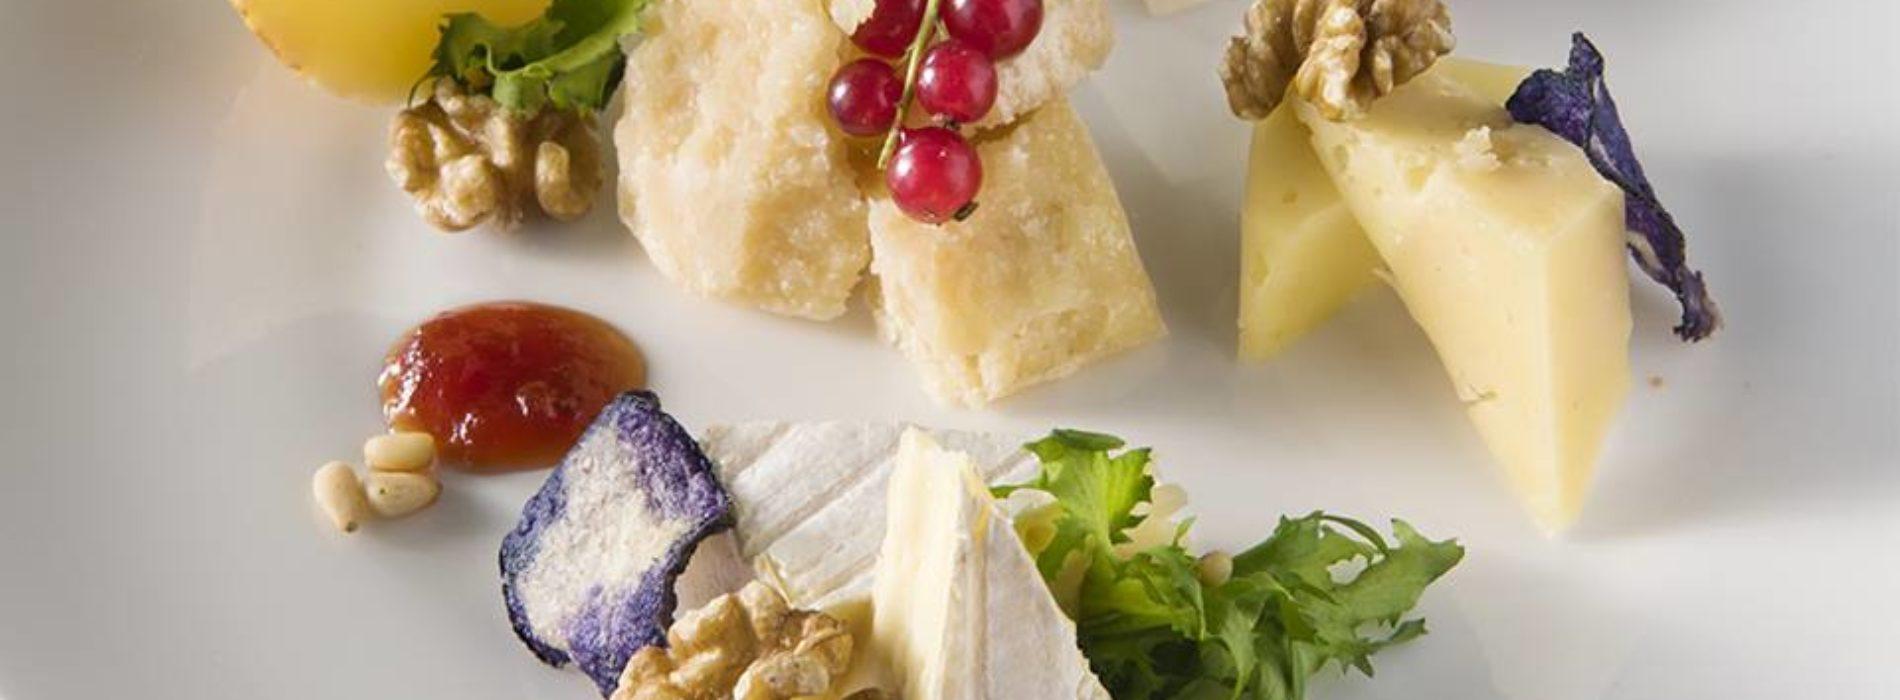 Eventi food Milano giugno 2018: cene speciali, degustazioni e festival del mese